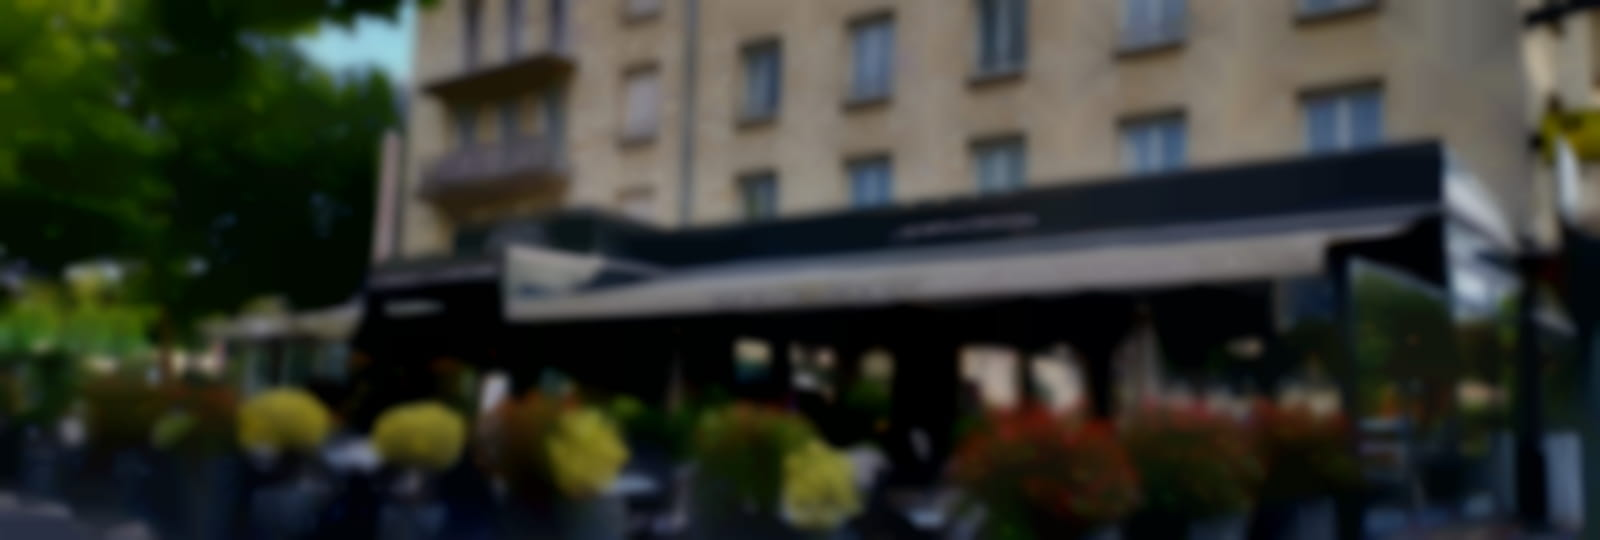 Façade Hôtel Le Boeuf Couronné